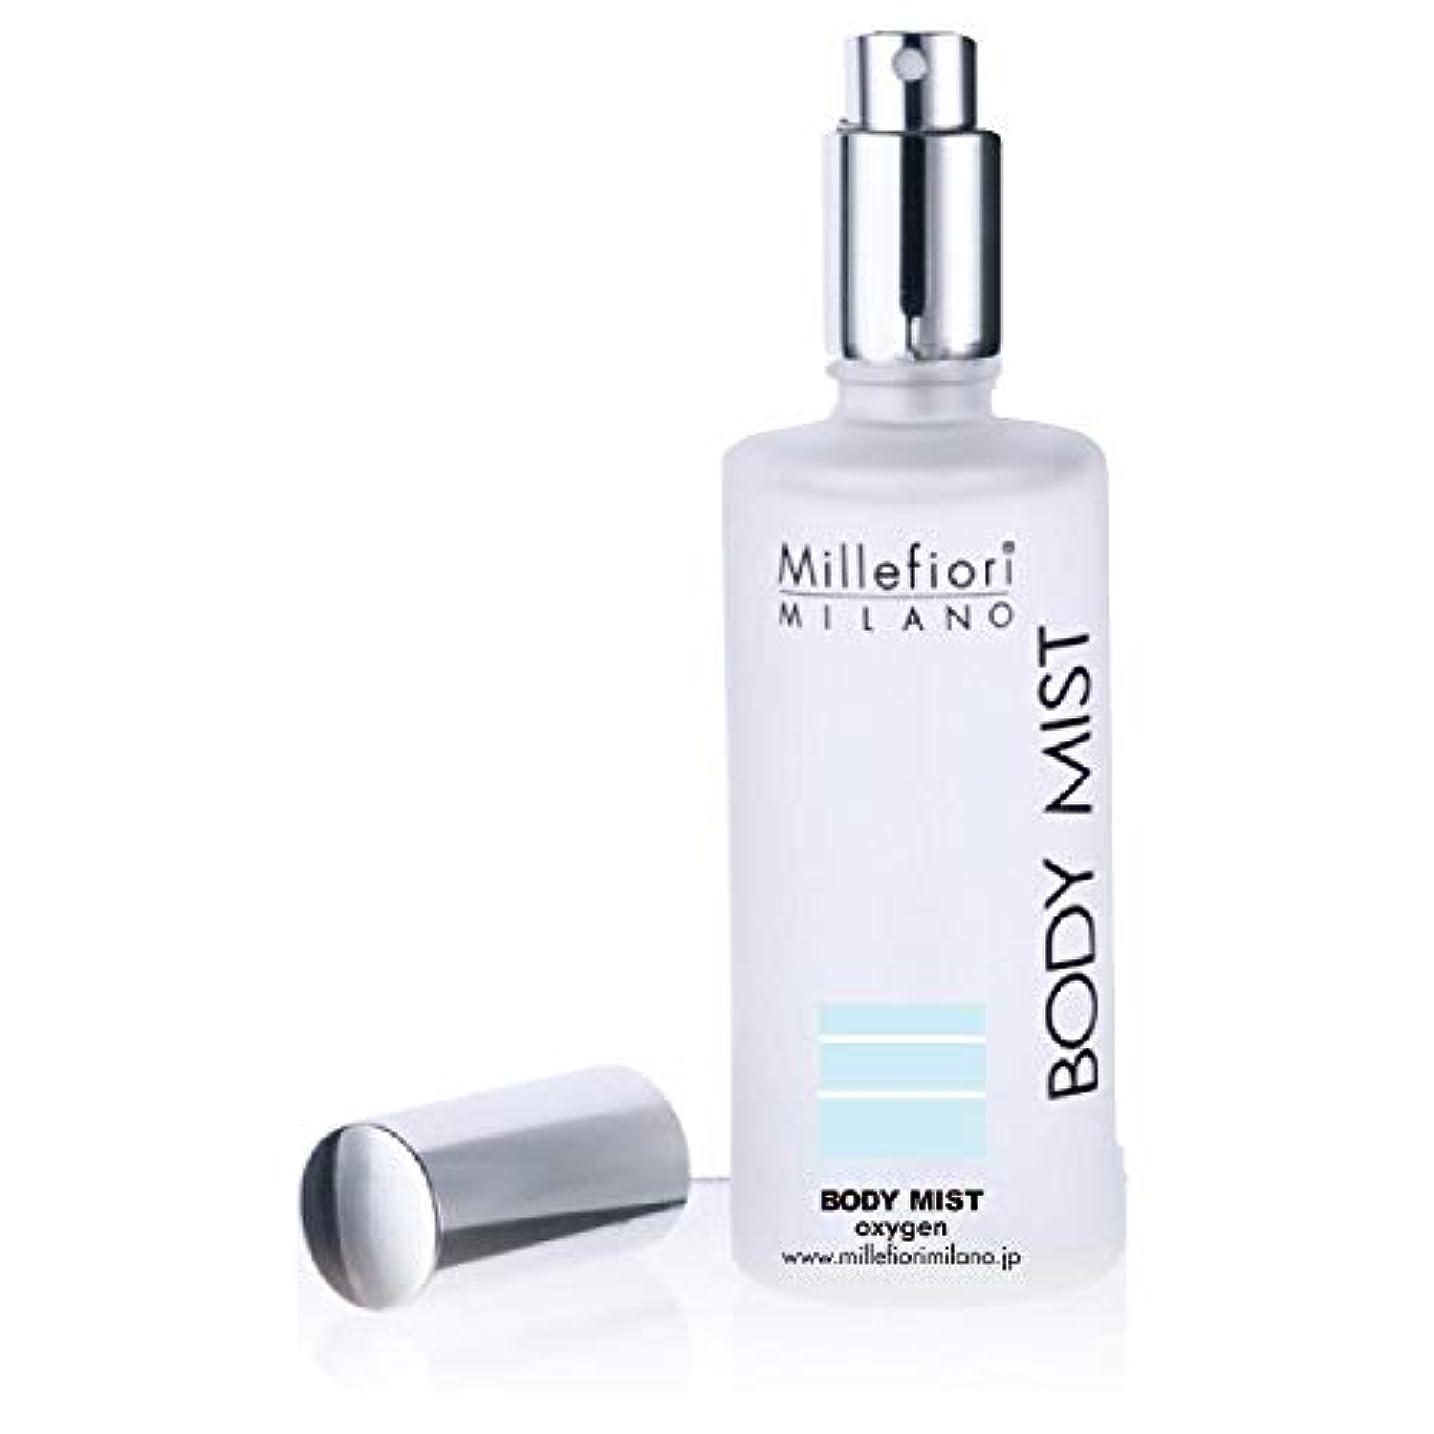 嘆く予防接種適応するMillefiori ボディミスト 100ml [ZONA] オキシゲン BM-10-308